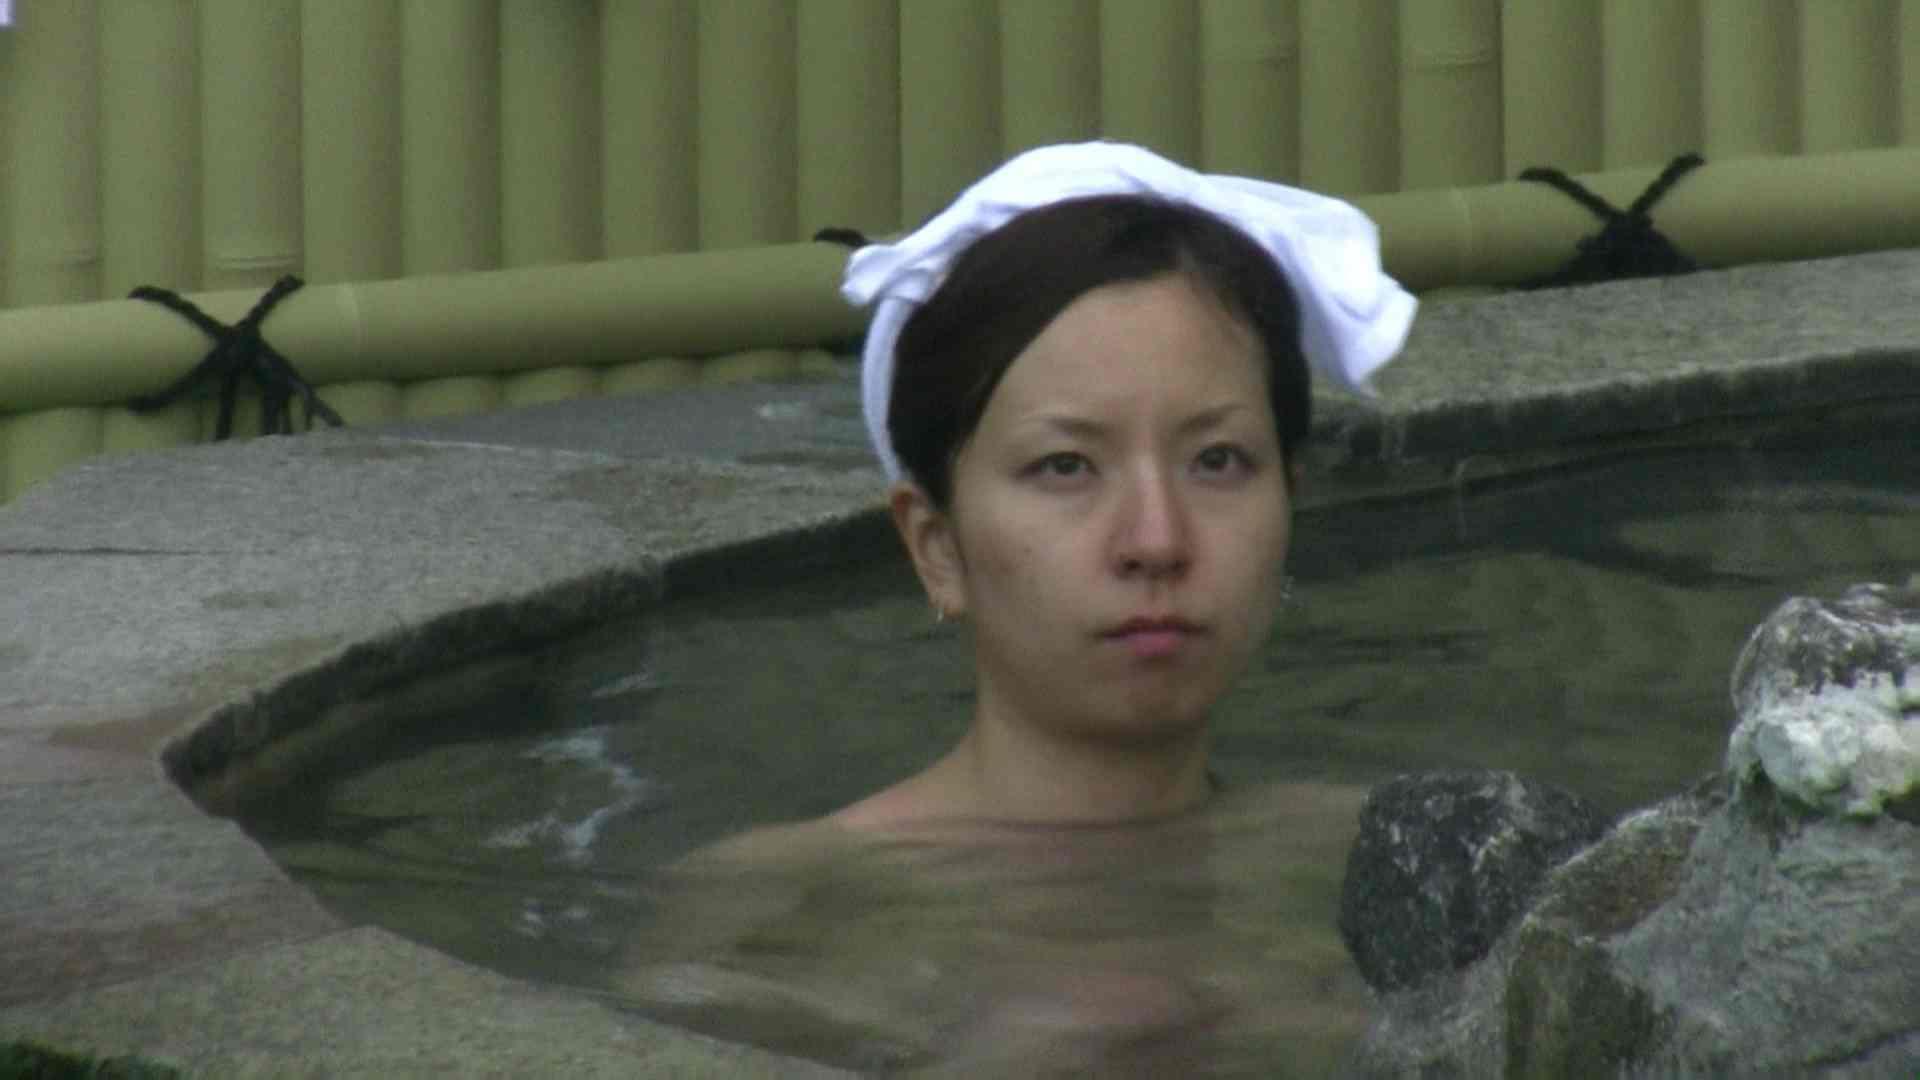 Aquaな露天風呂Vol.39【VIP】 露天 | 盗撮  111枚 34